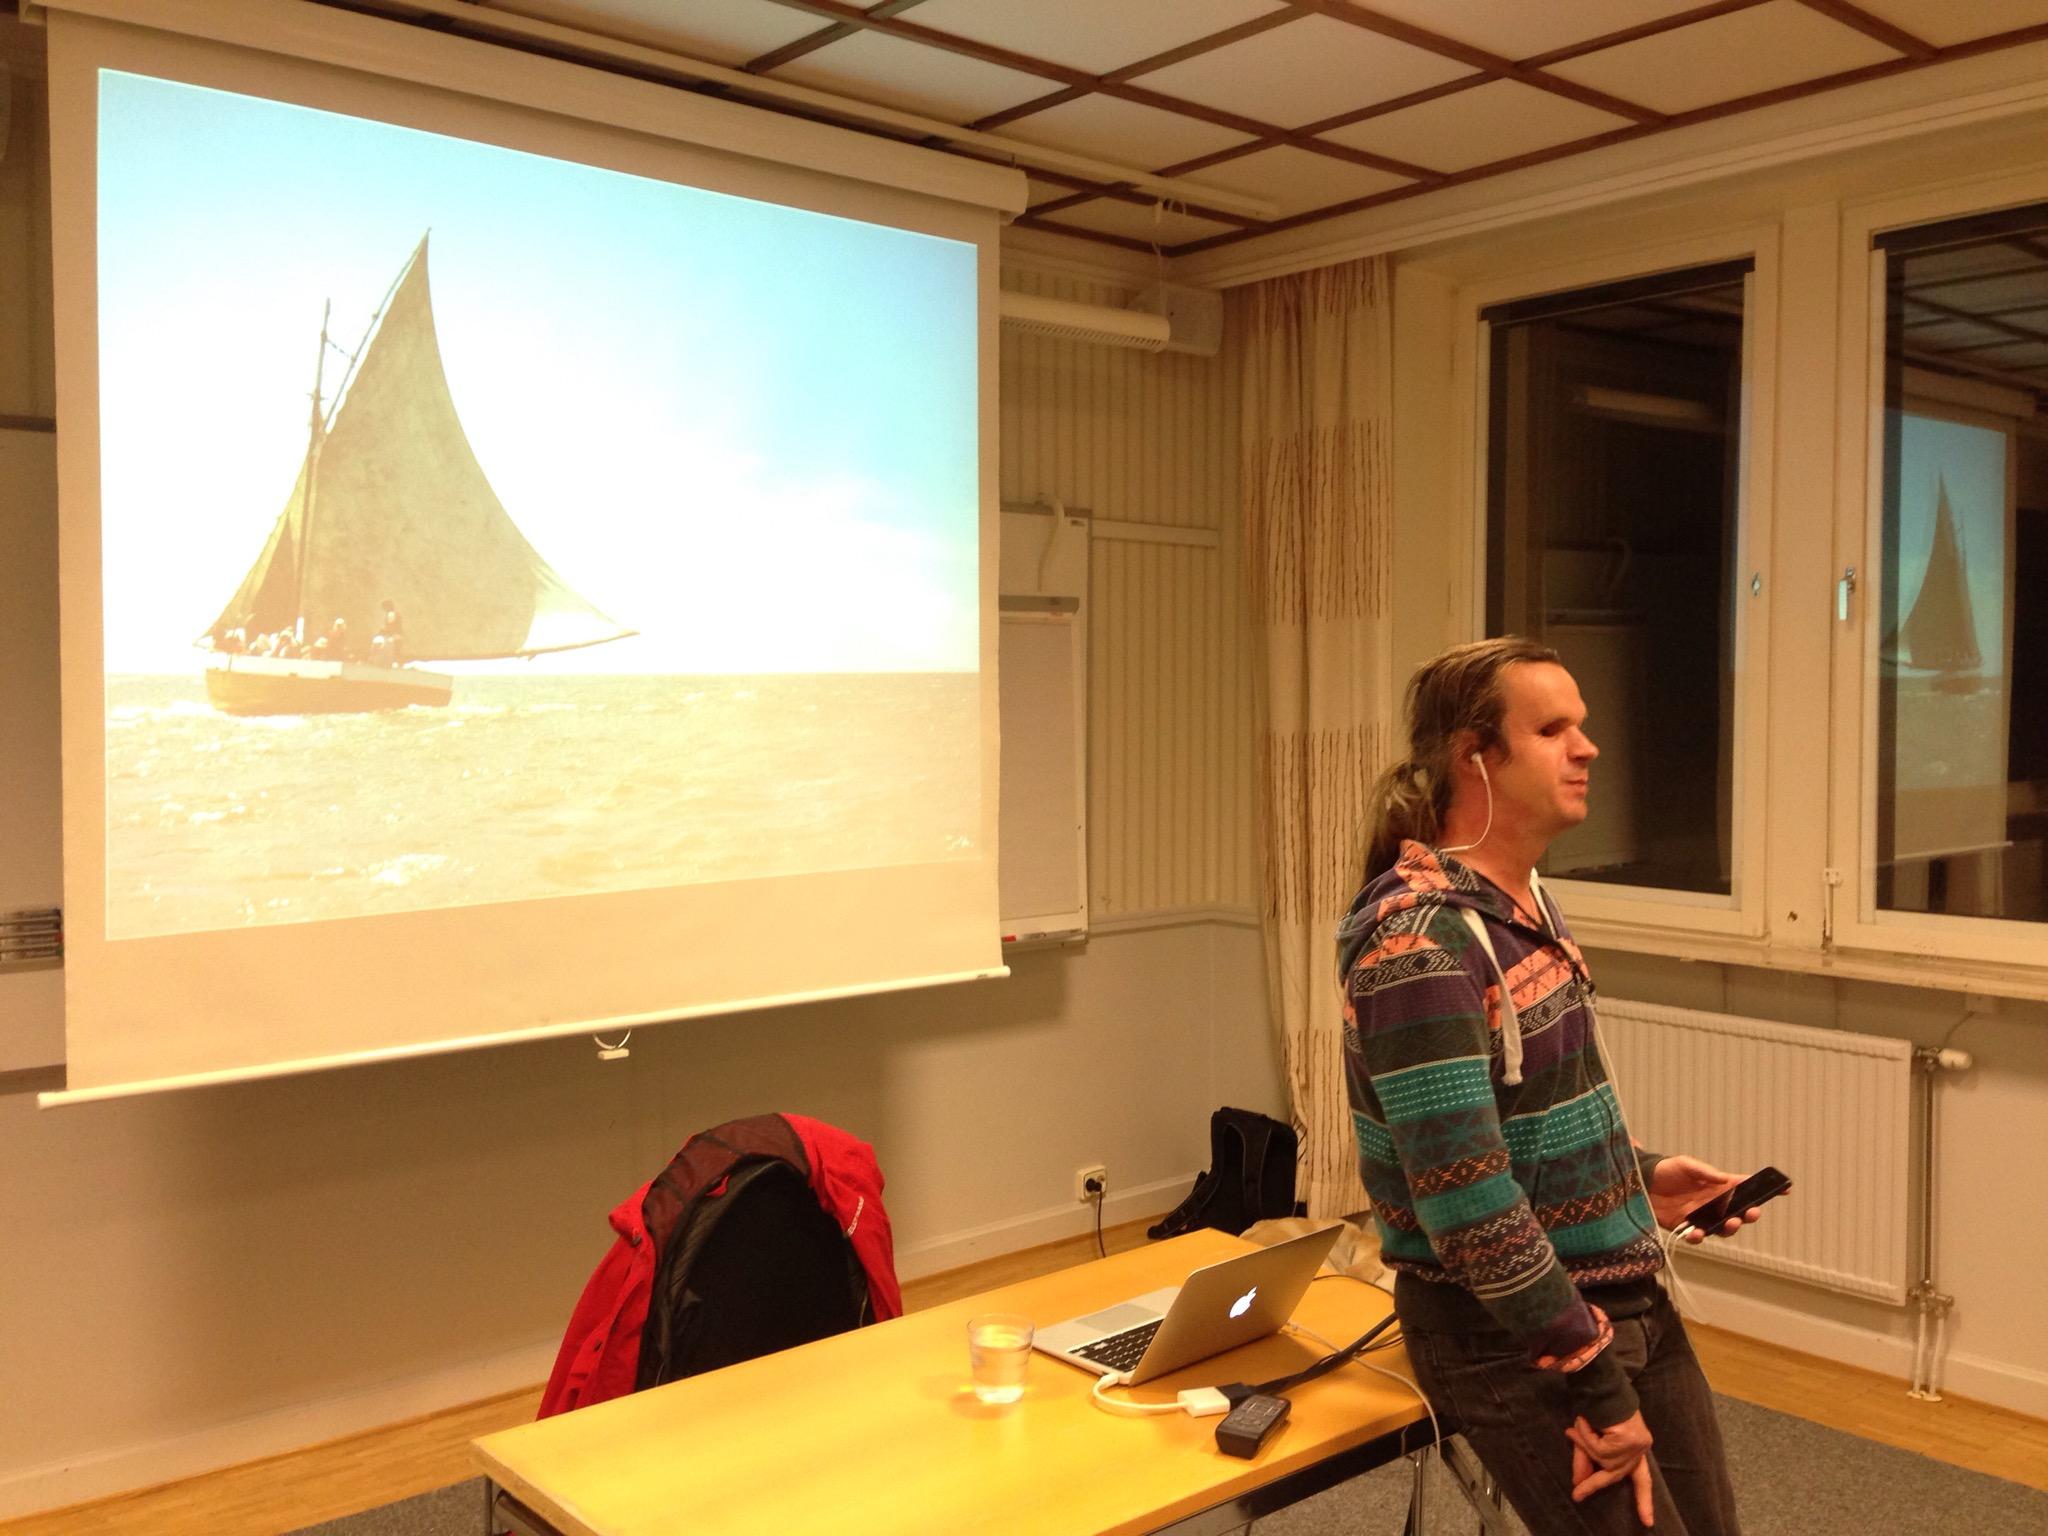 Bild: Joakim Nömell föreläser på Almåsa Konferens